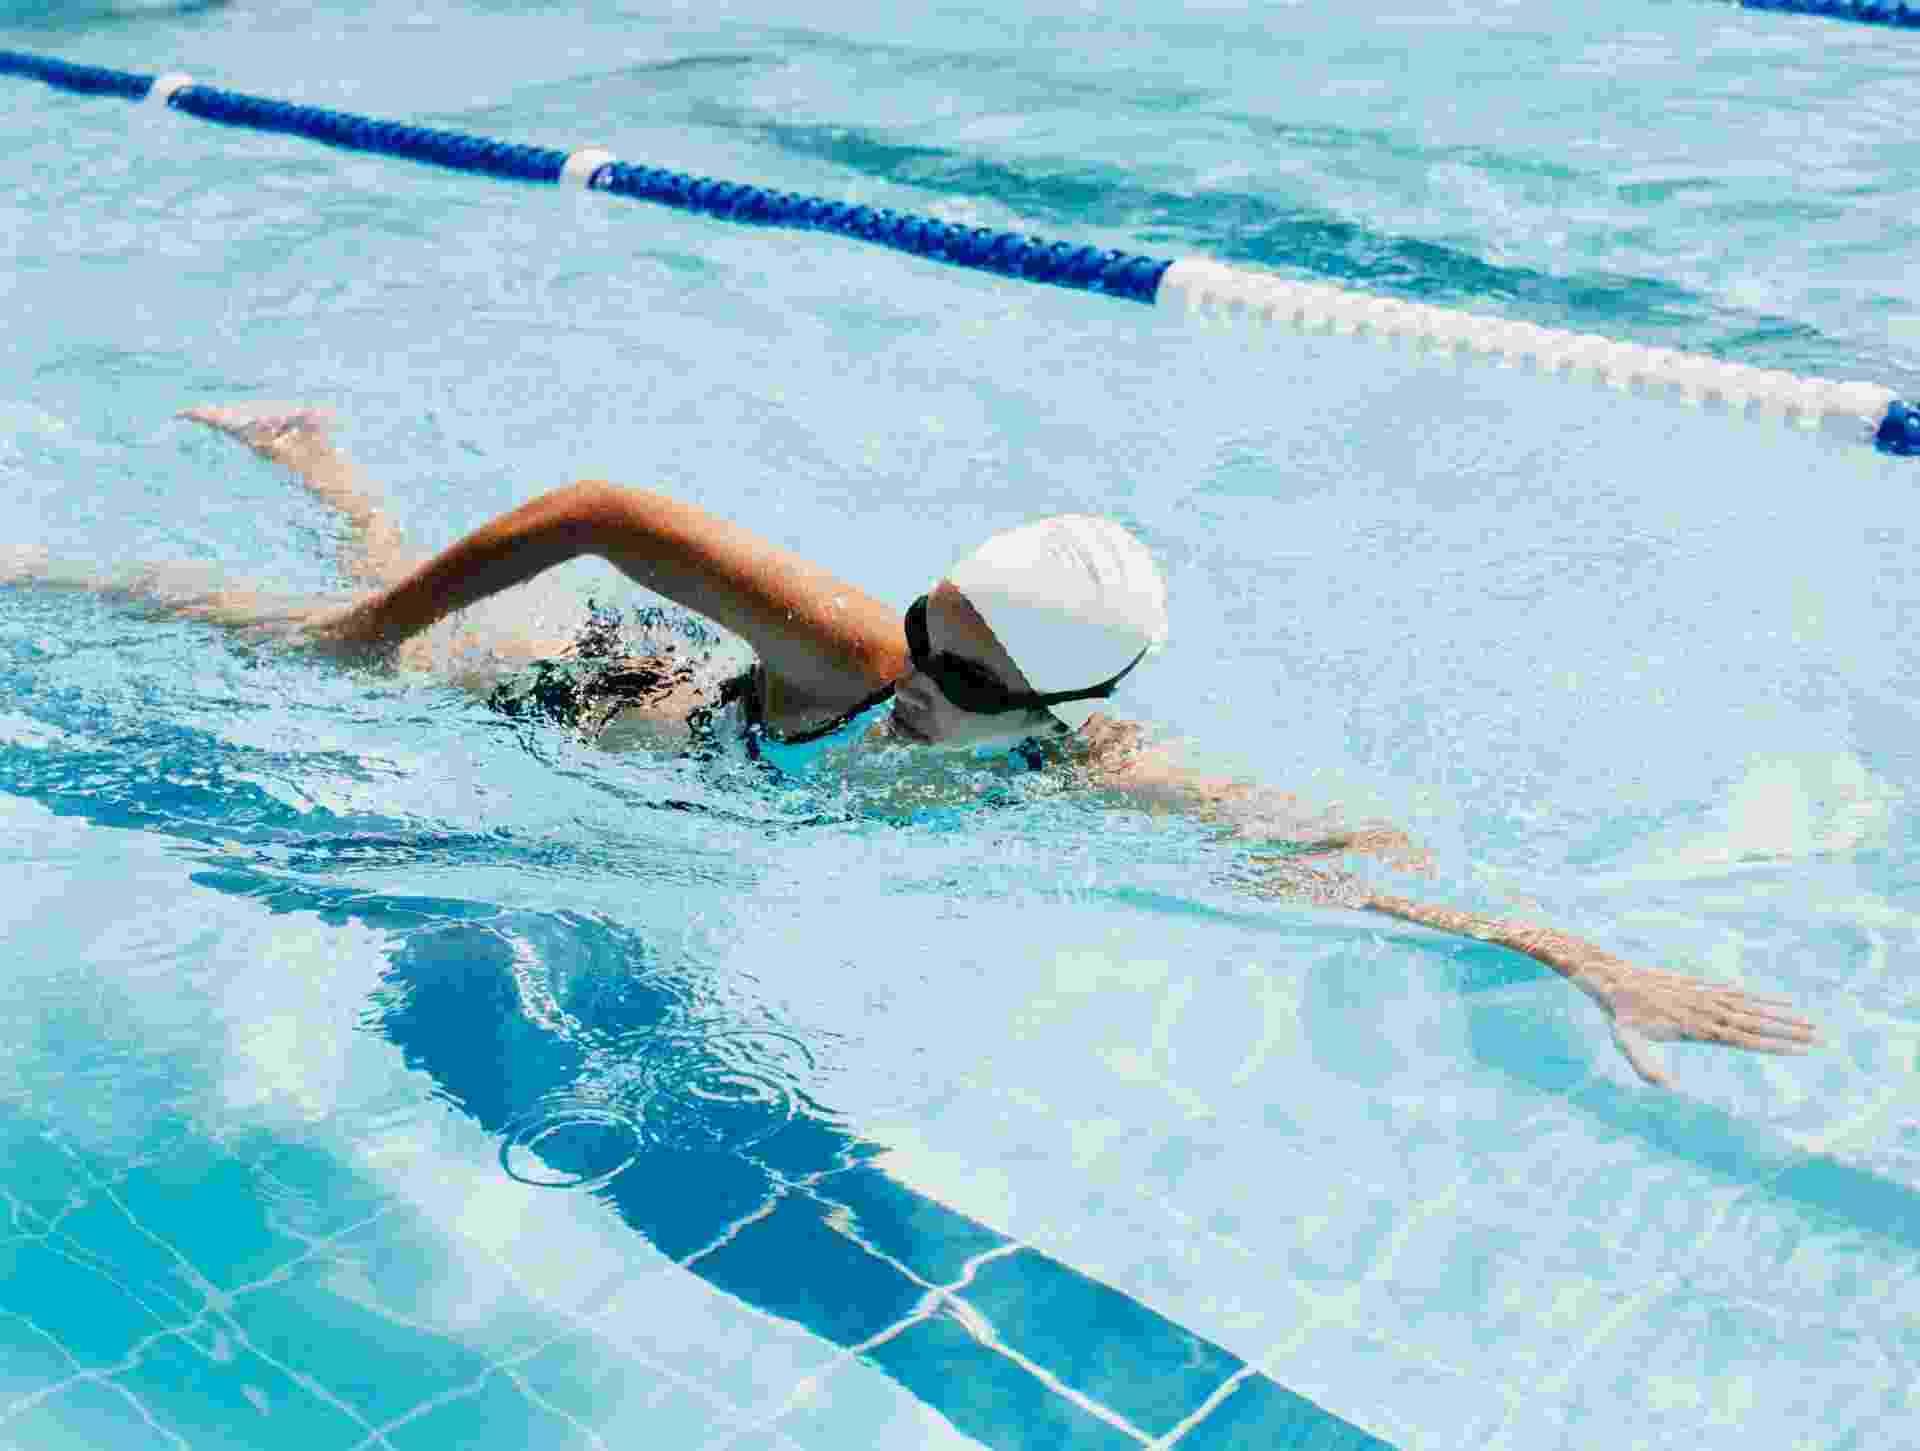 29.ago.2013 - natação, mulher nadando, nadadora - Thinkstock